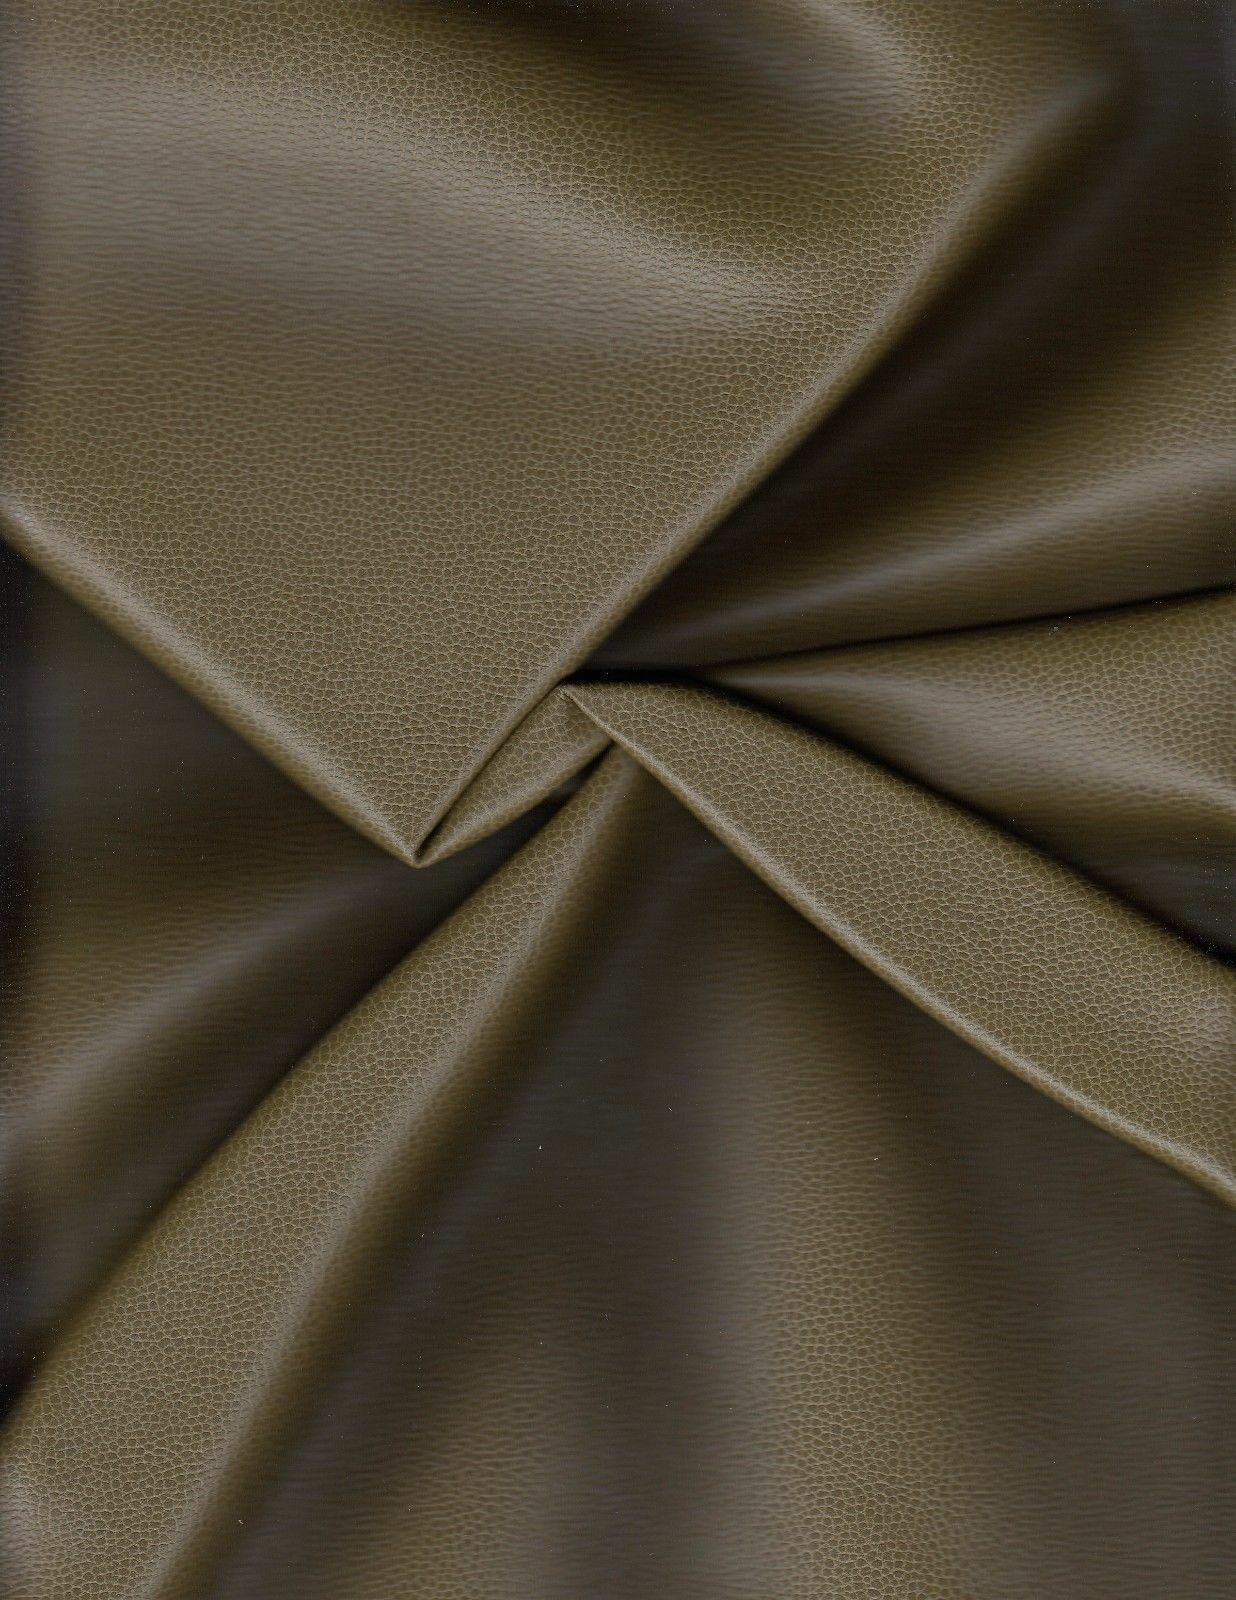 Ultrafabrics Polster Kunstleder 363-4514 Promessa Moosgrün 2.6m T-76